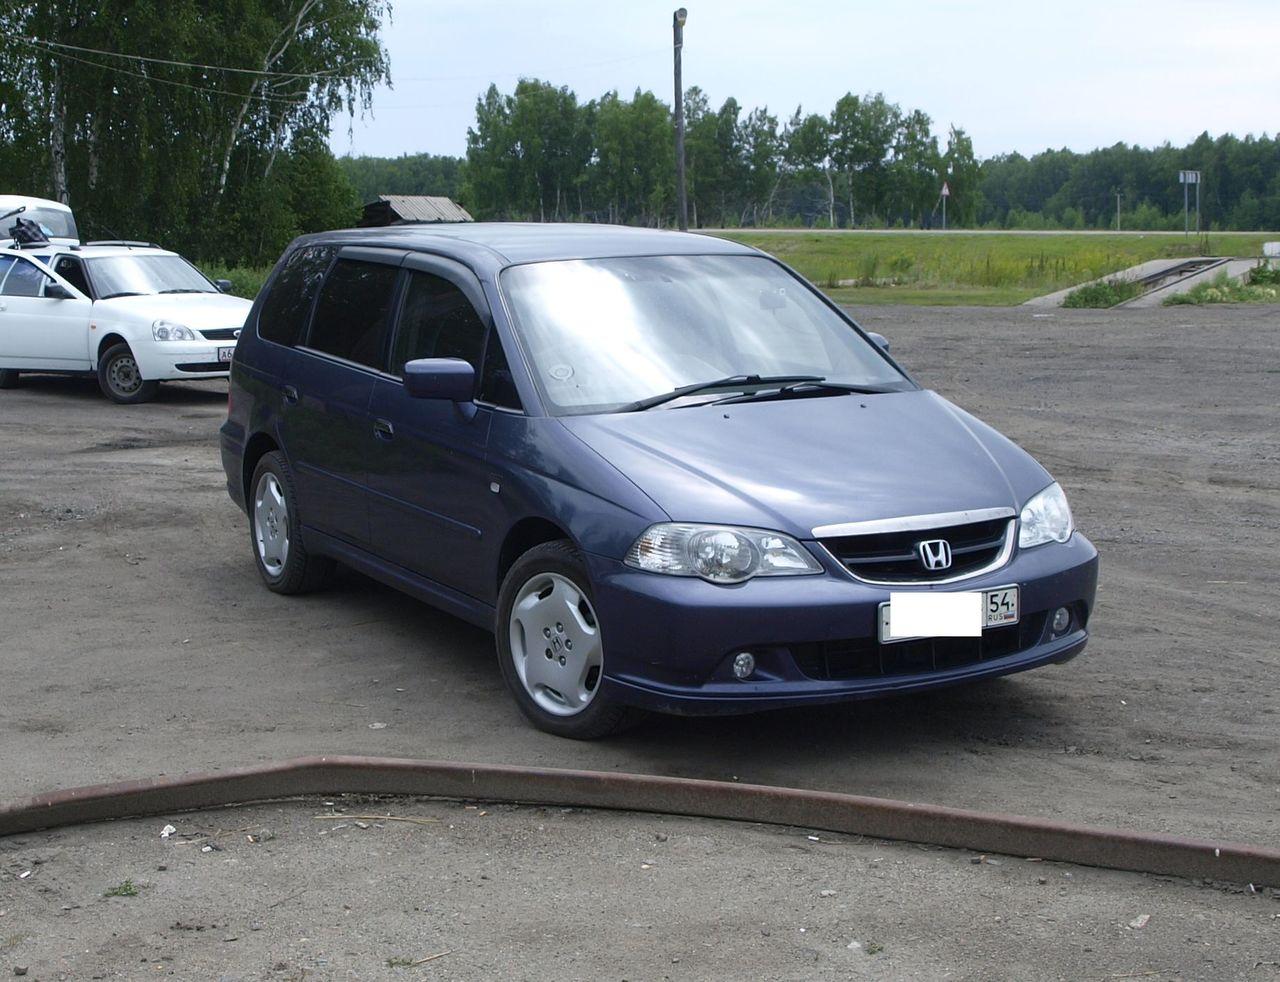 Хонда одиссей 2001 инструкция